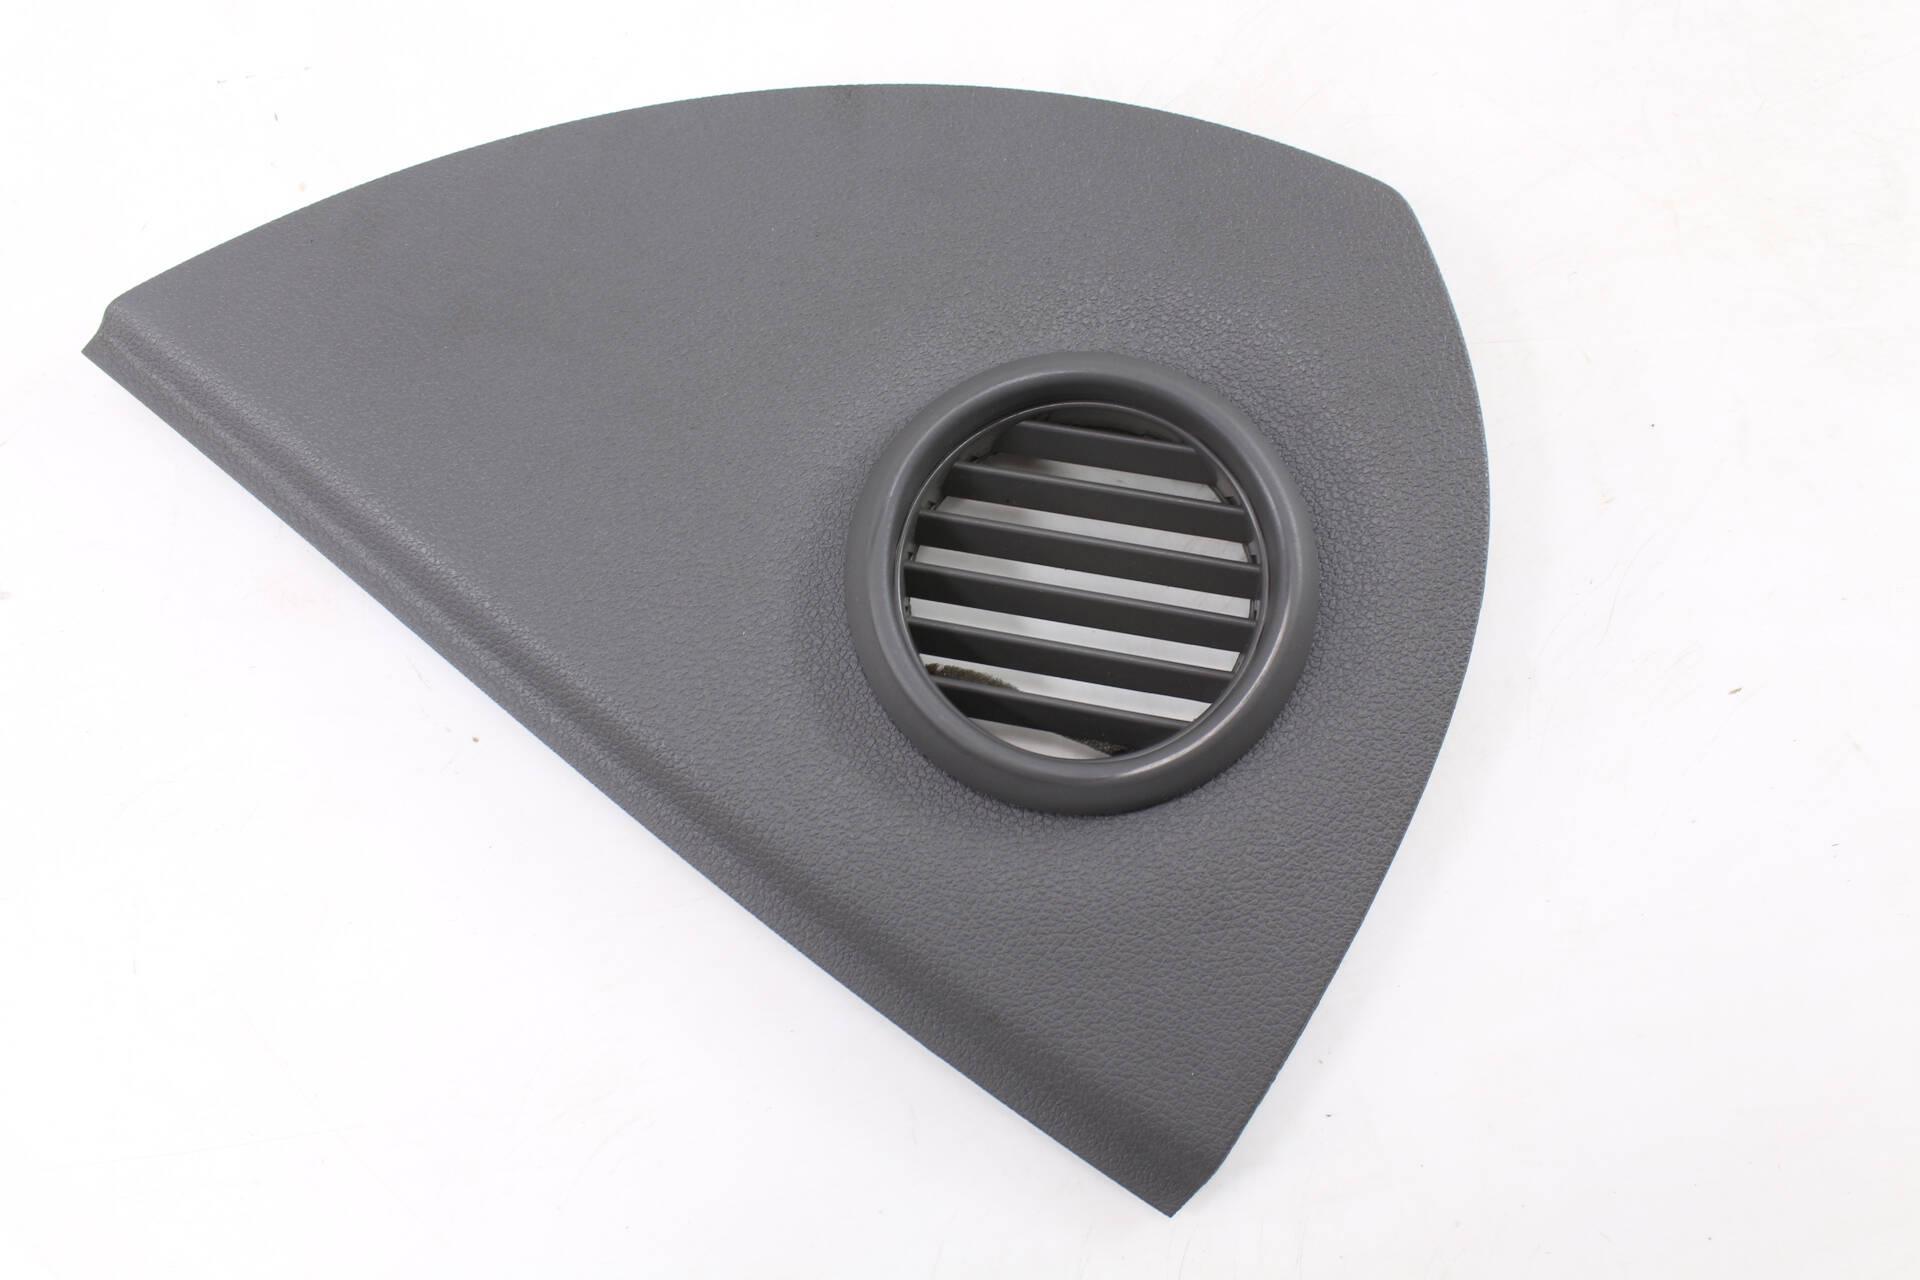 07 08 09 10 11 12 13 14 15 audi q7 4l - right fuse box dash cover panel /  vent